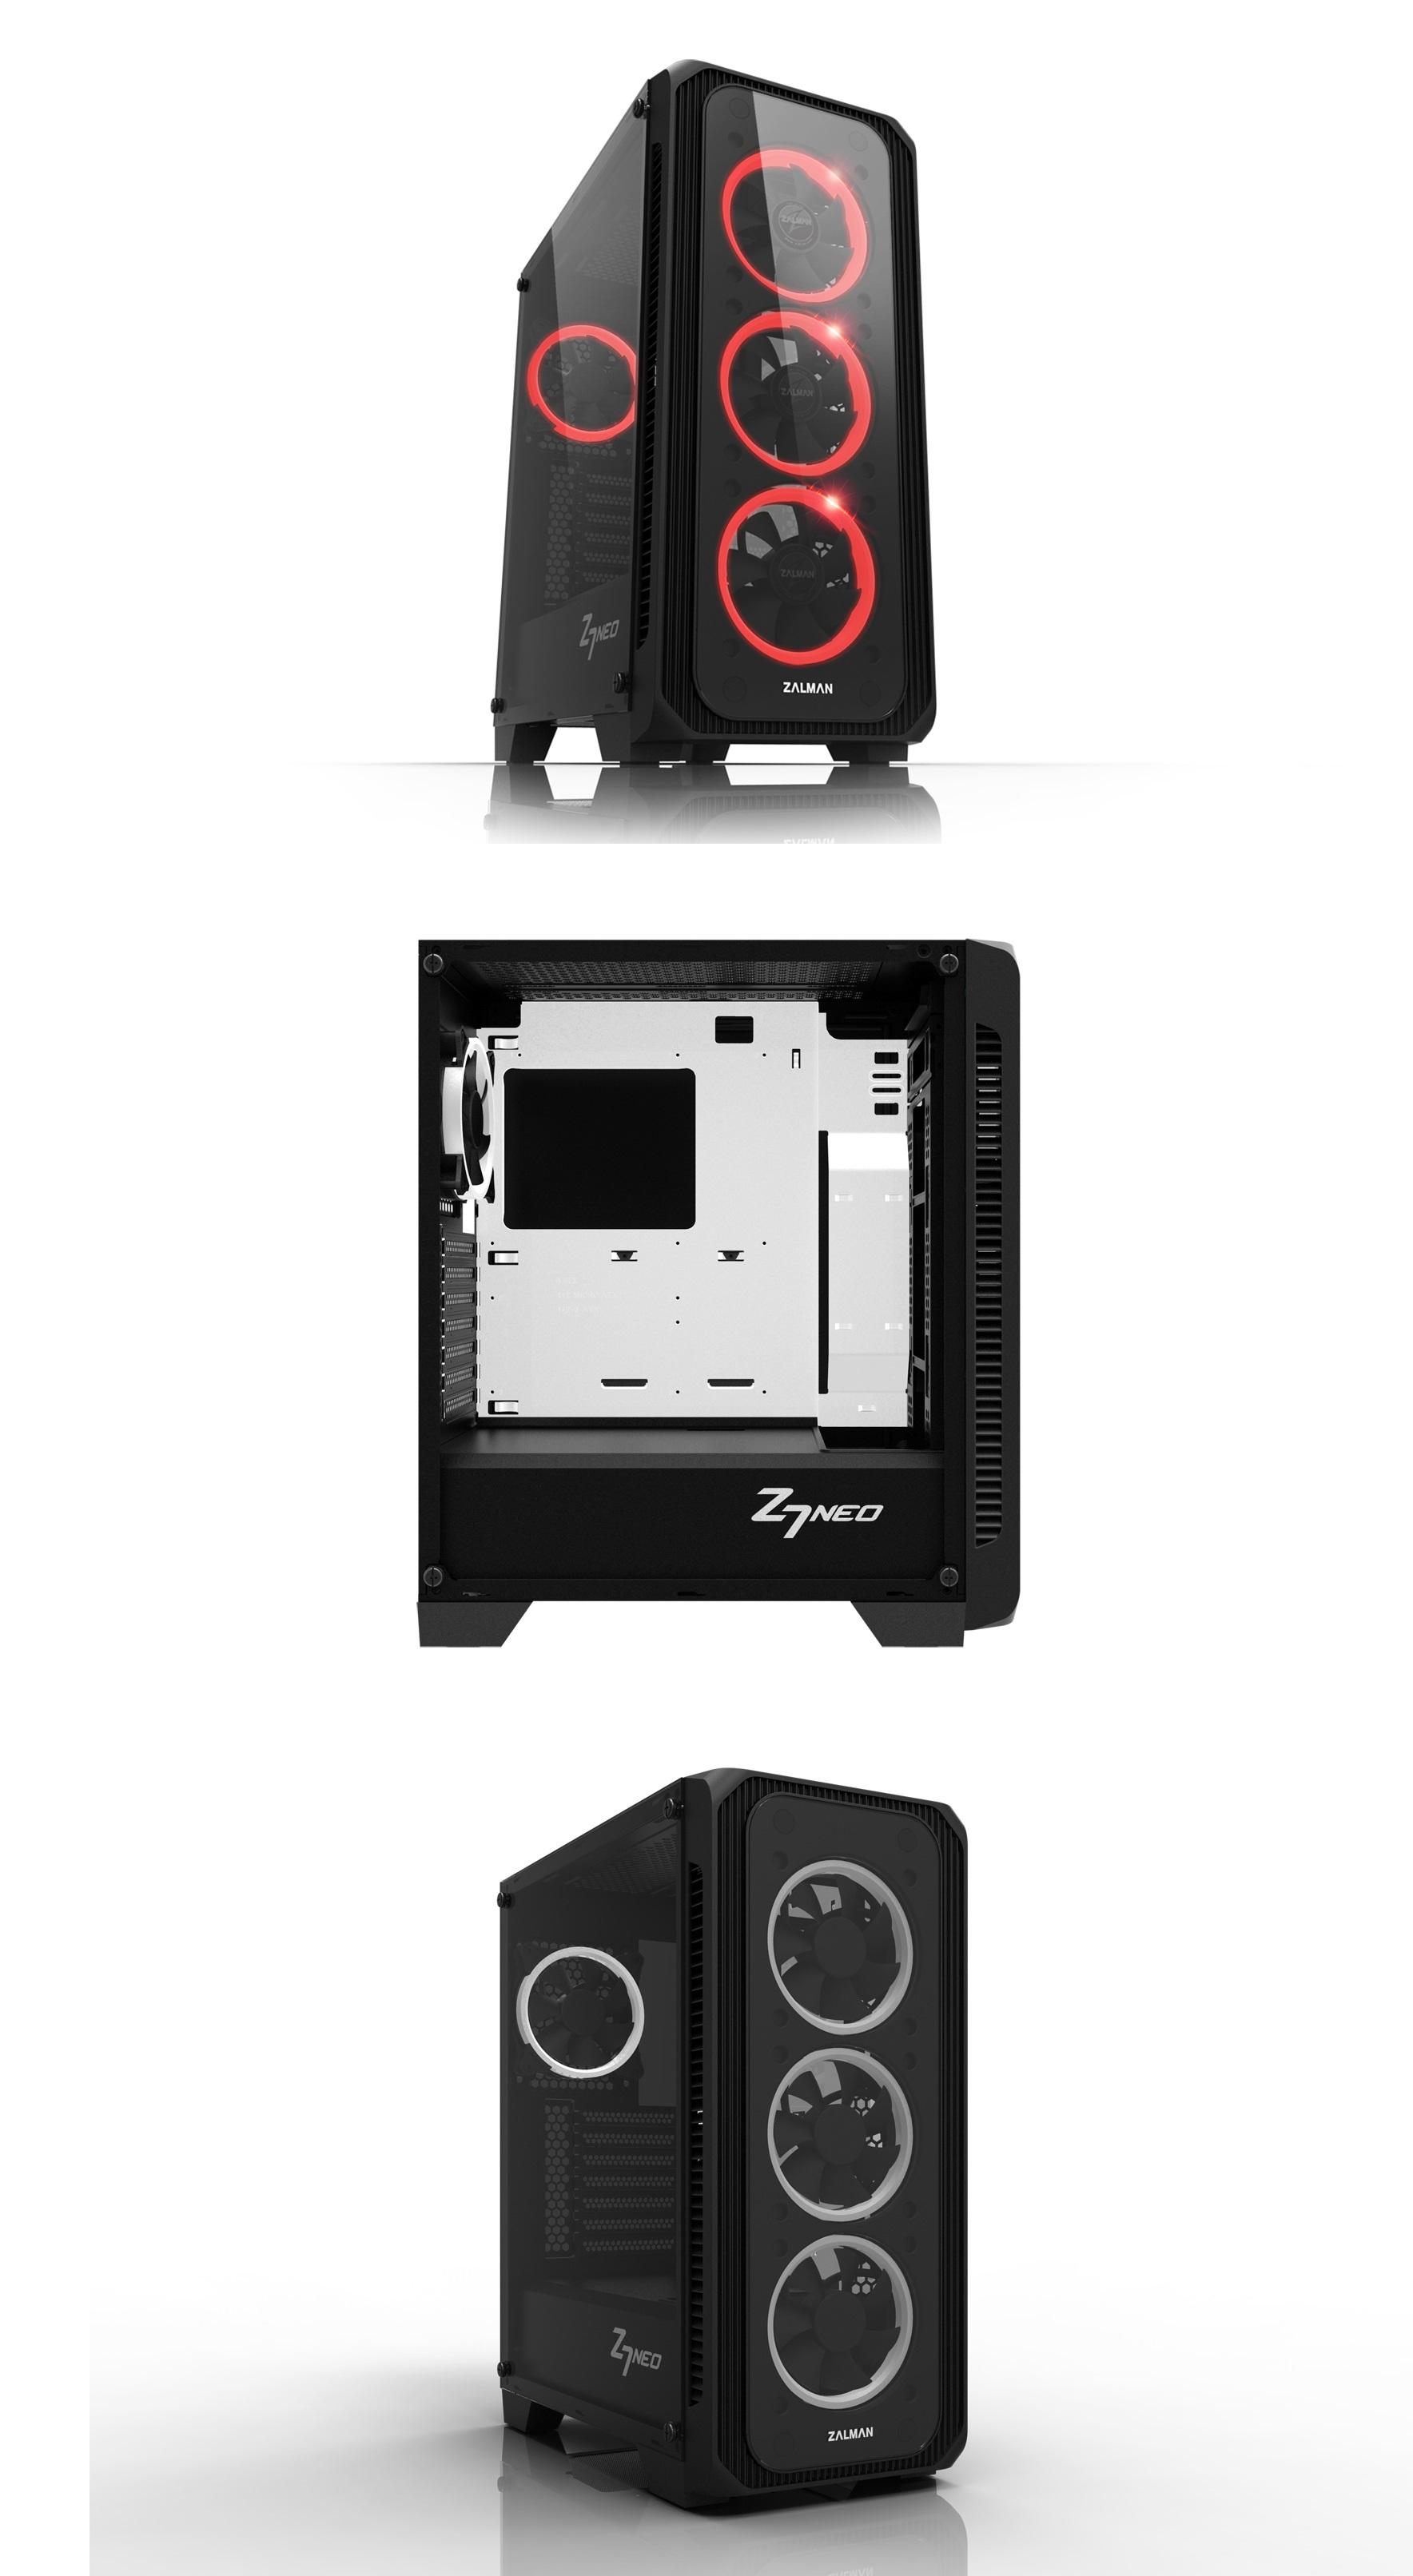 Zalman rozšiřuje nabídku počítačových skříní o model Z7 Neo